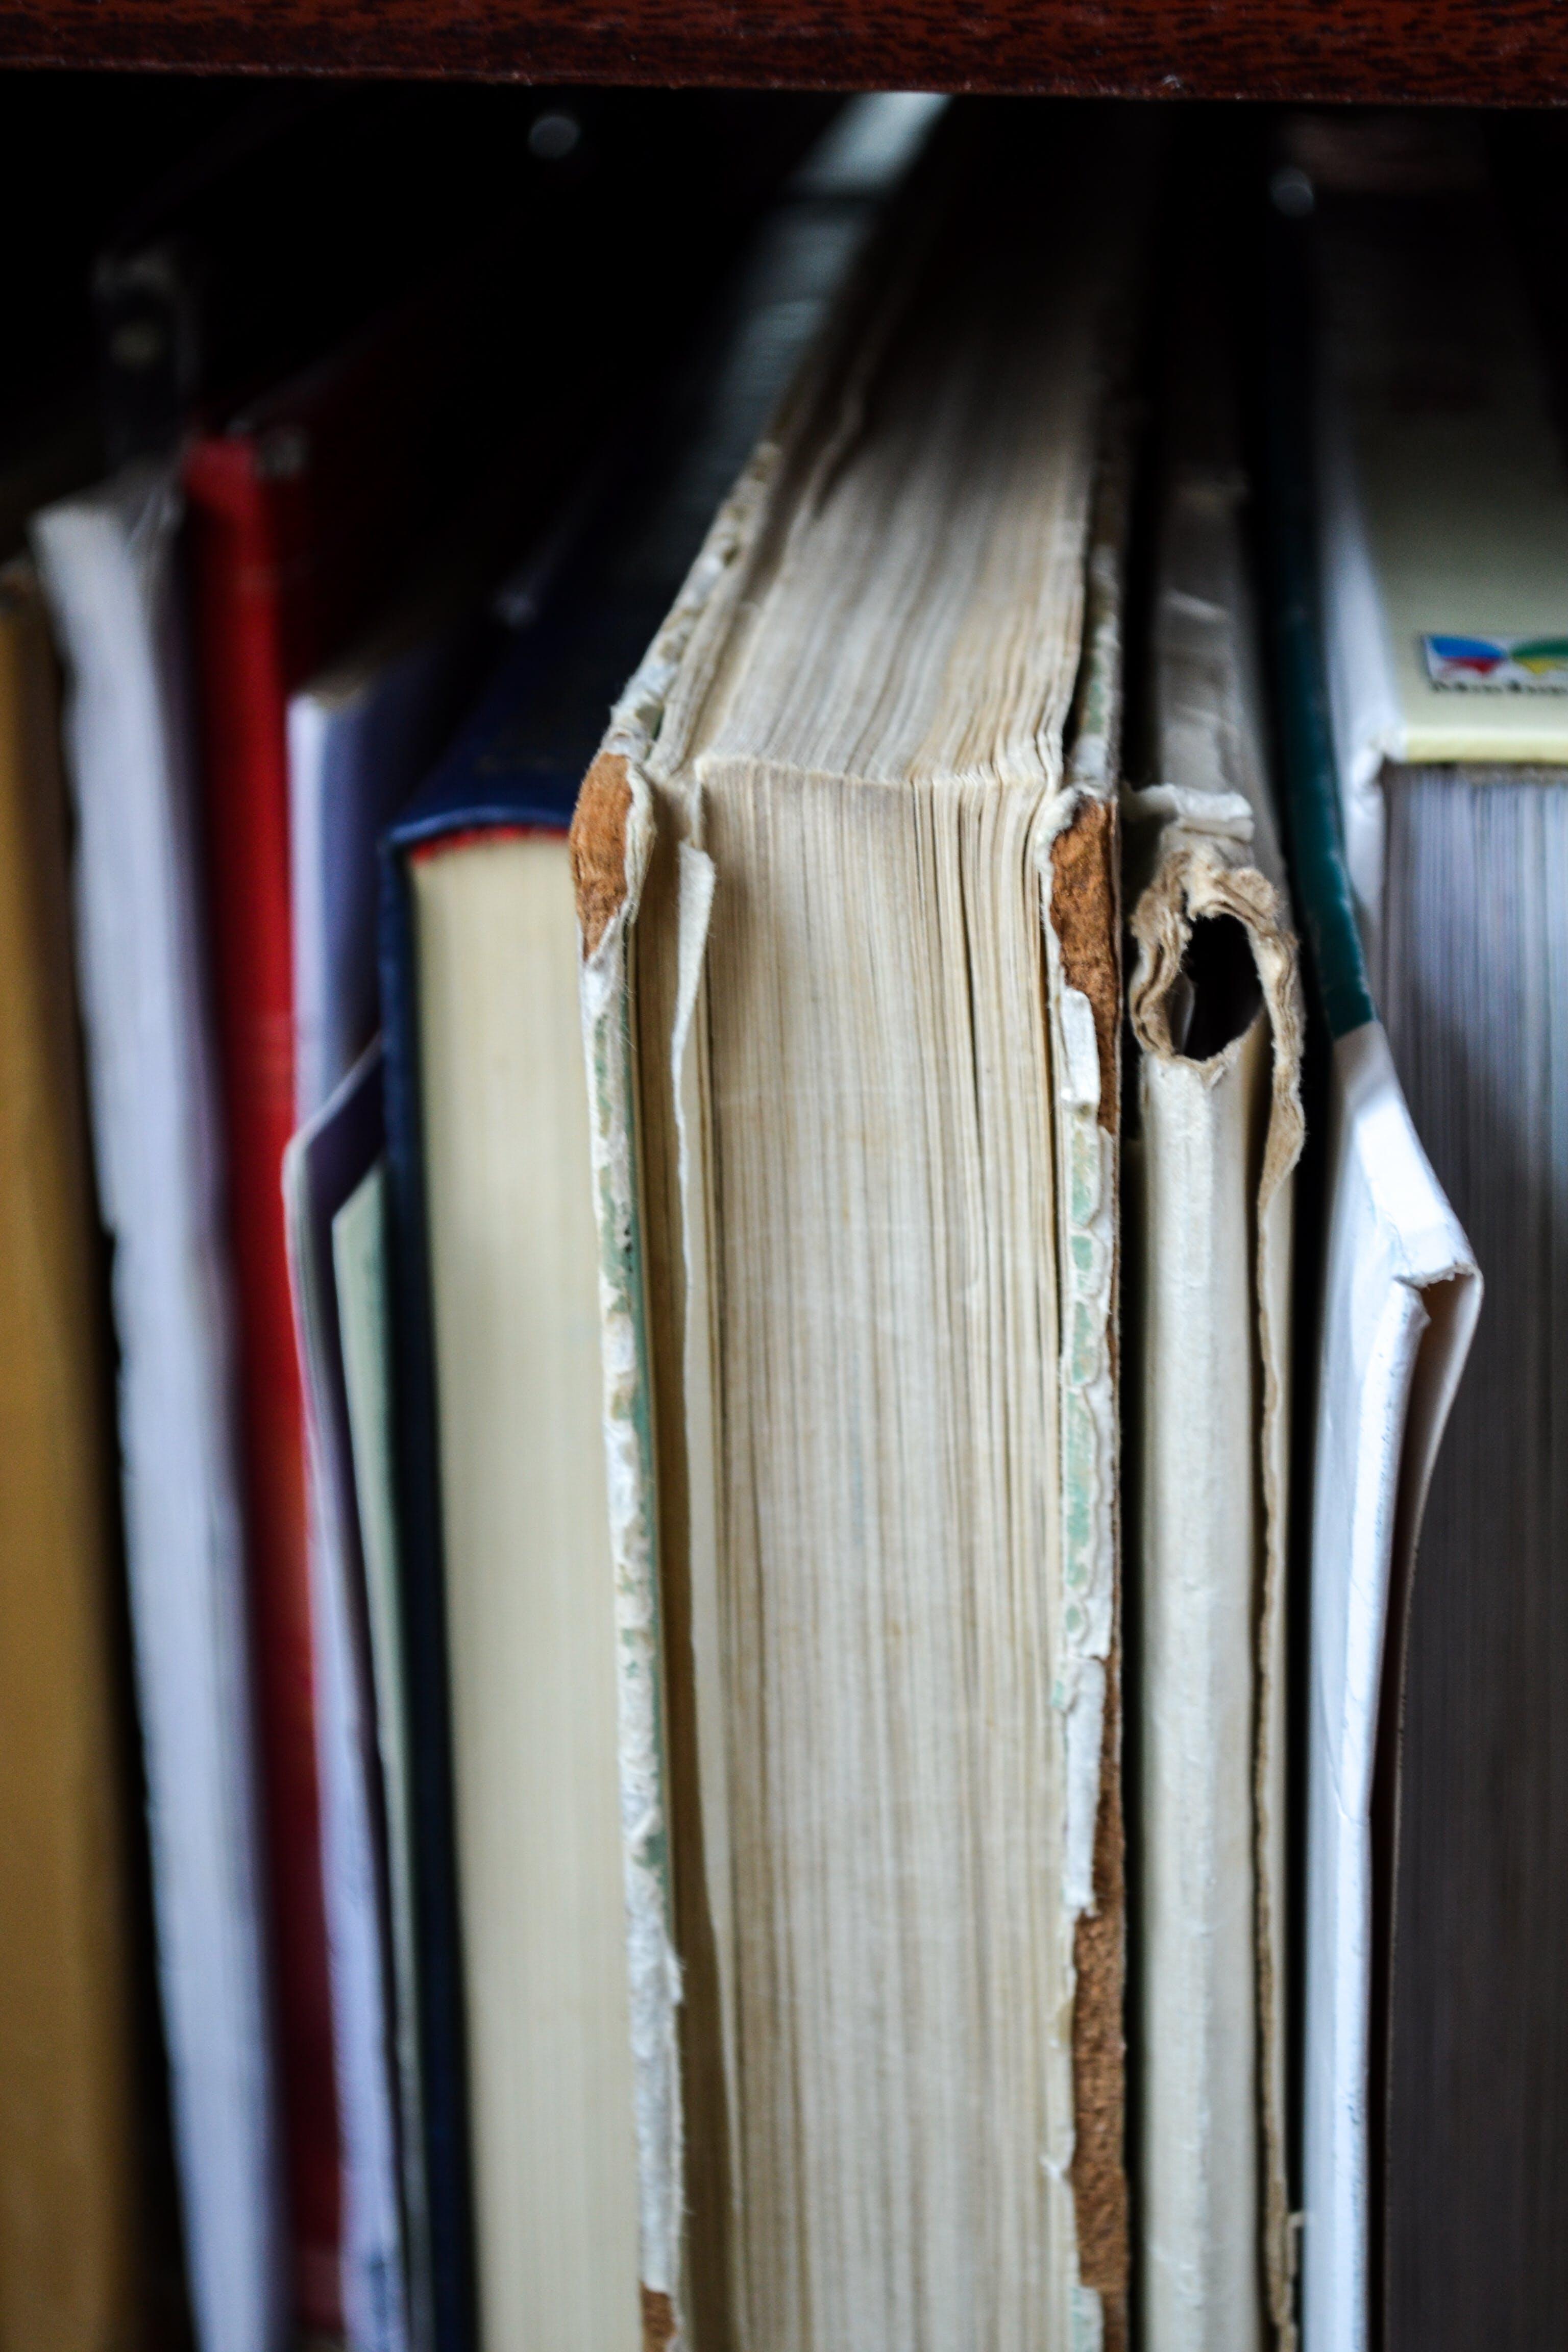 Kostnadsfri bild av böcker, bokbindningar, gamla böcker, hårt omslag